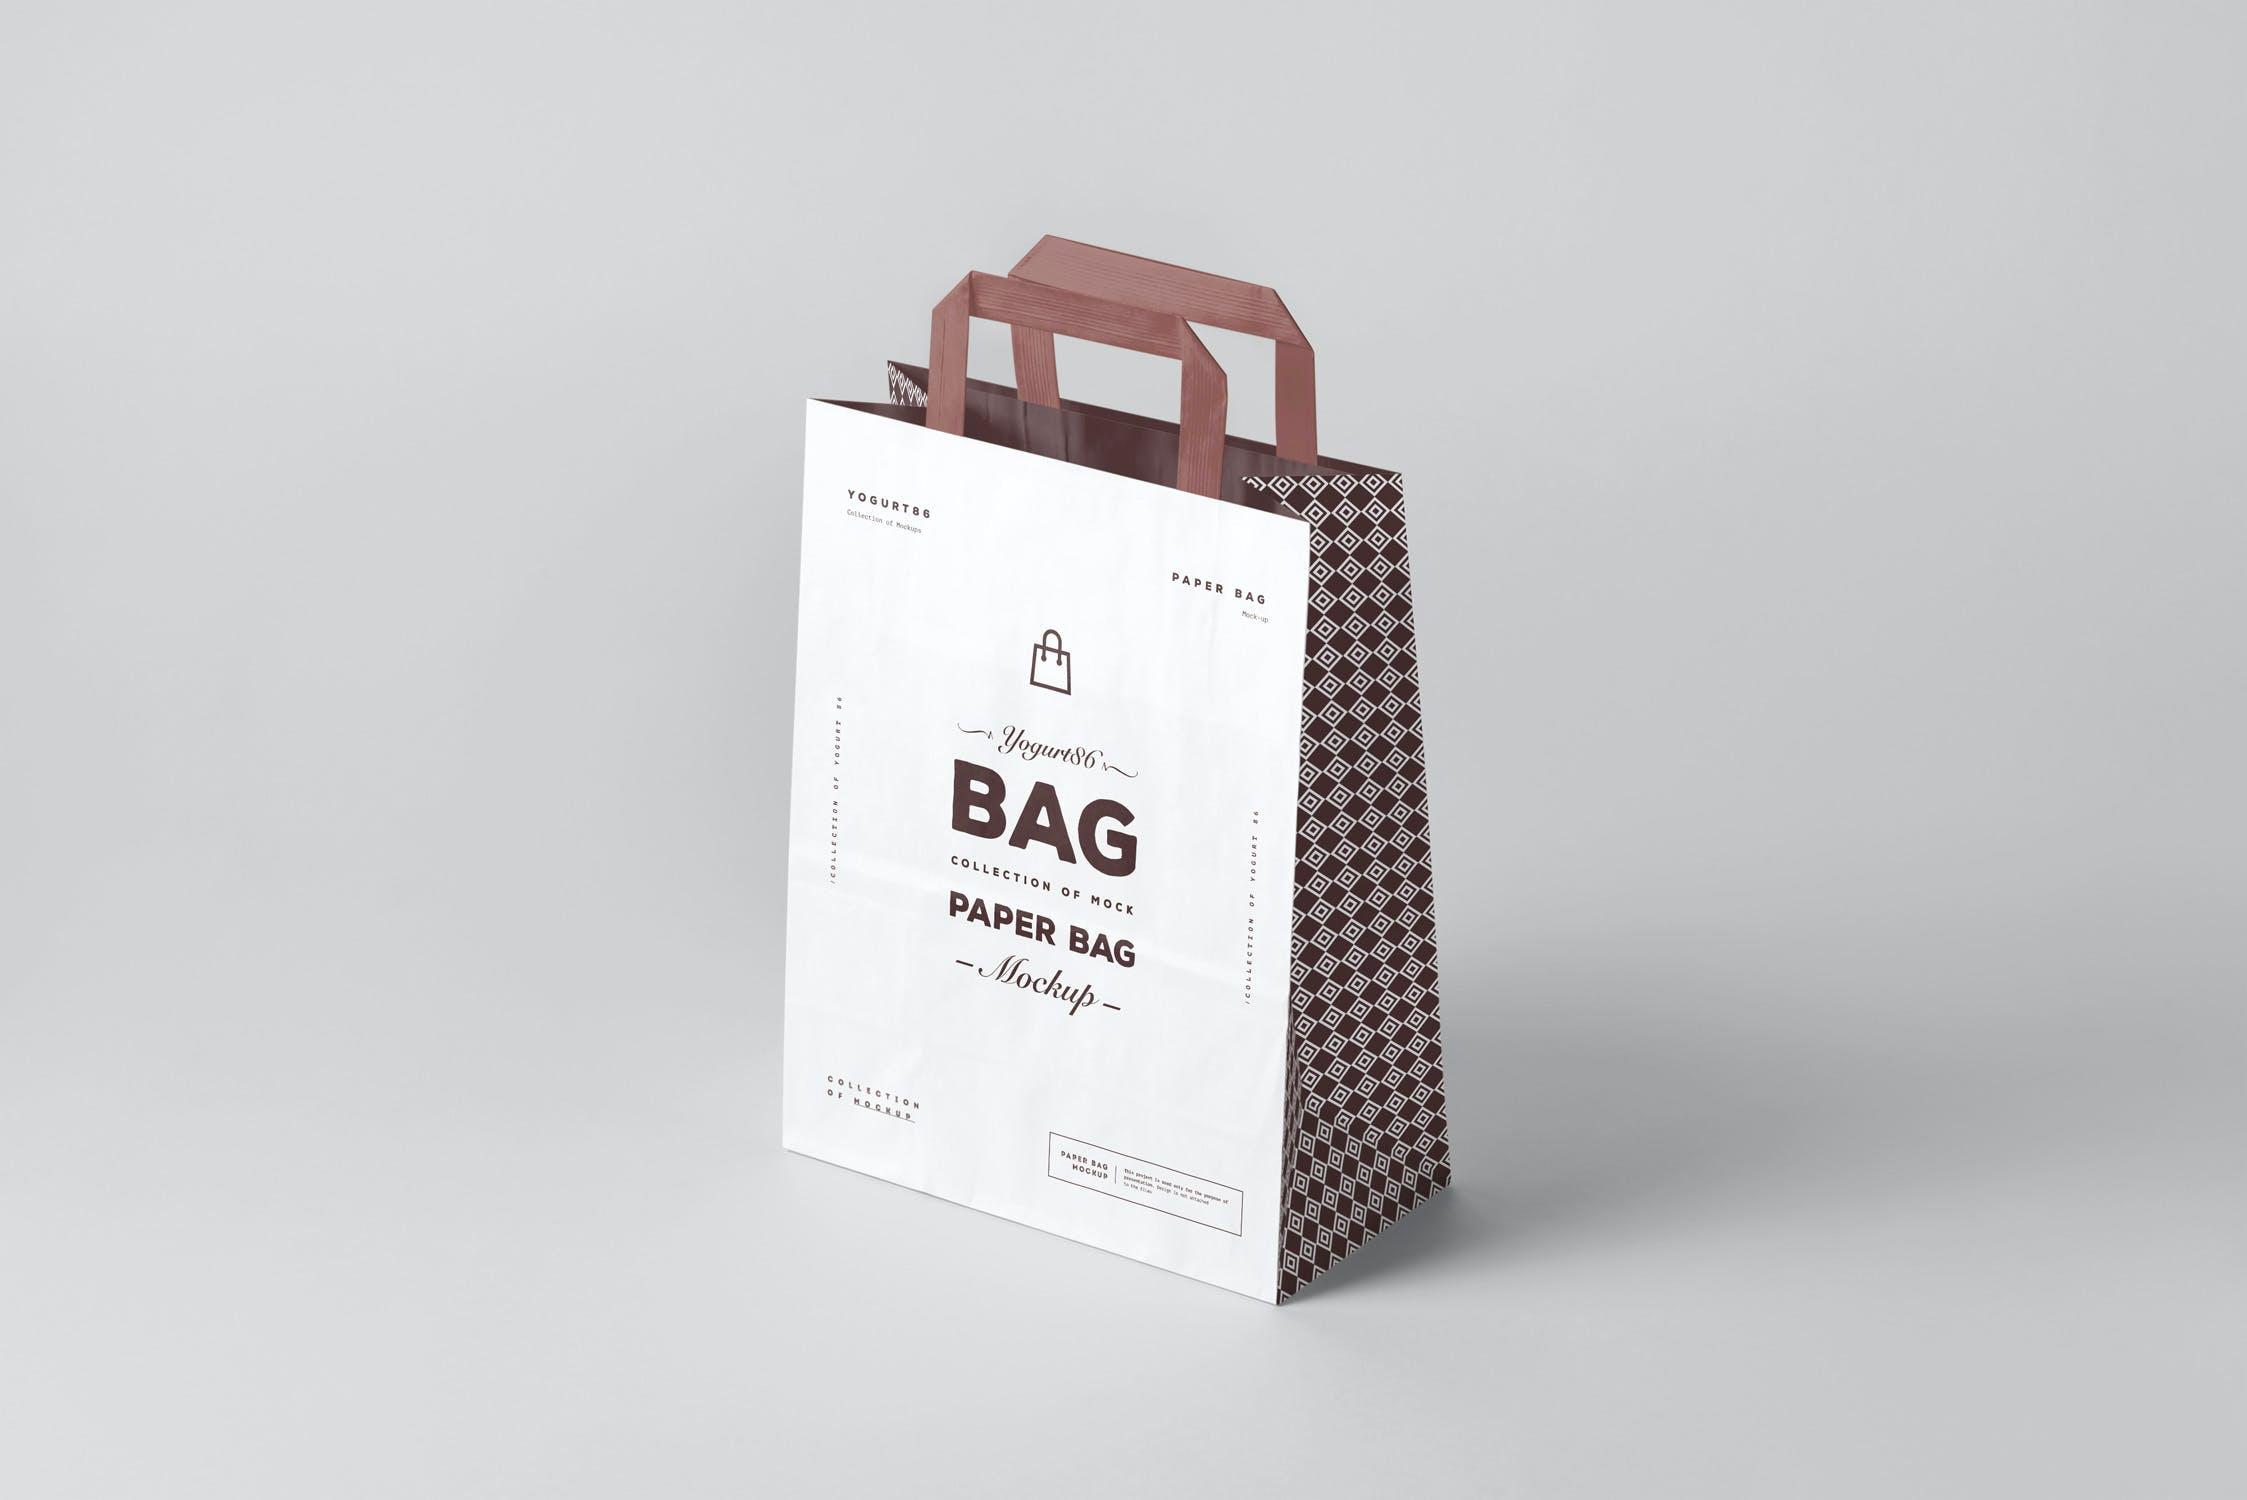 11款商城购物手提纸袋设计展示样机 Paper Bag Mockup 3插图(1)